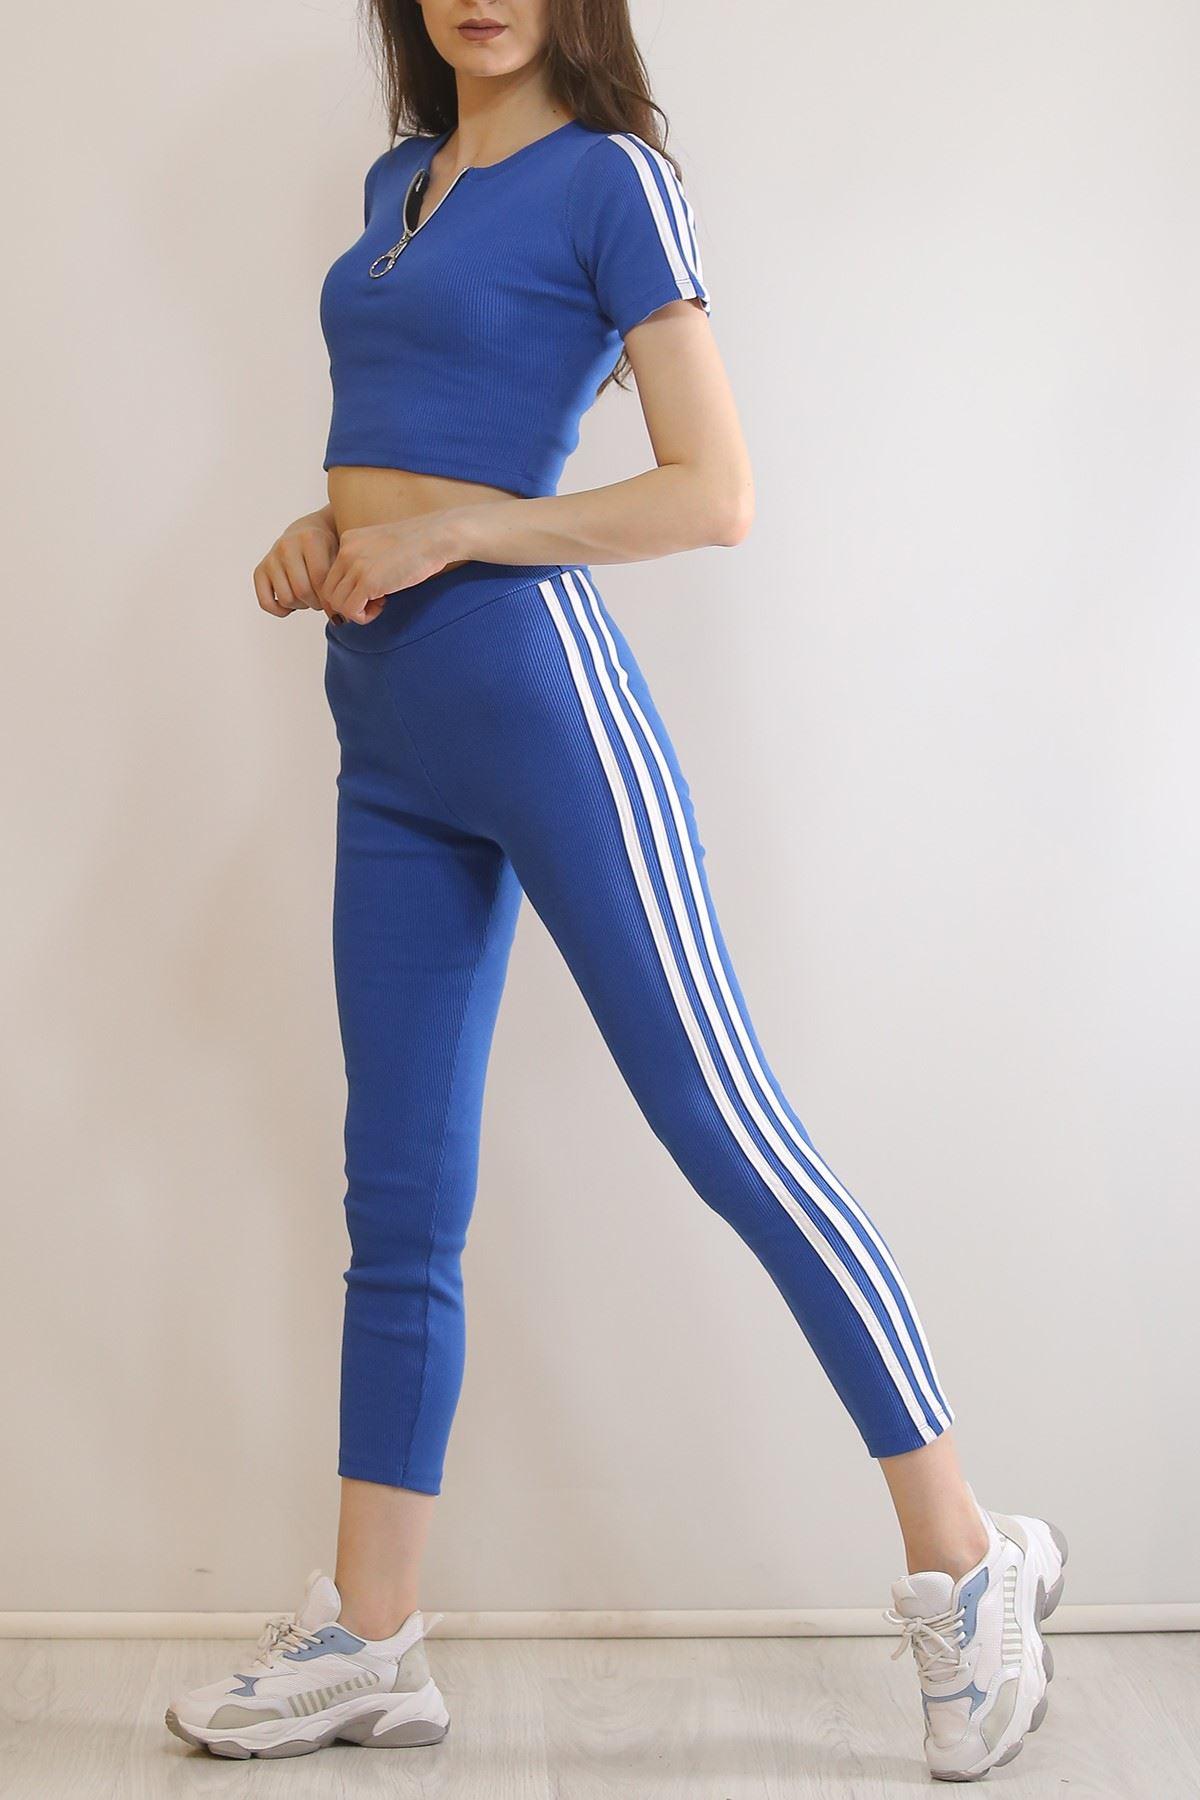 Şeritli Tayt Takım Mavi - 5342.316.